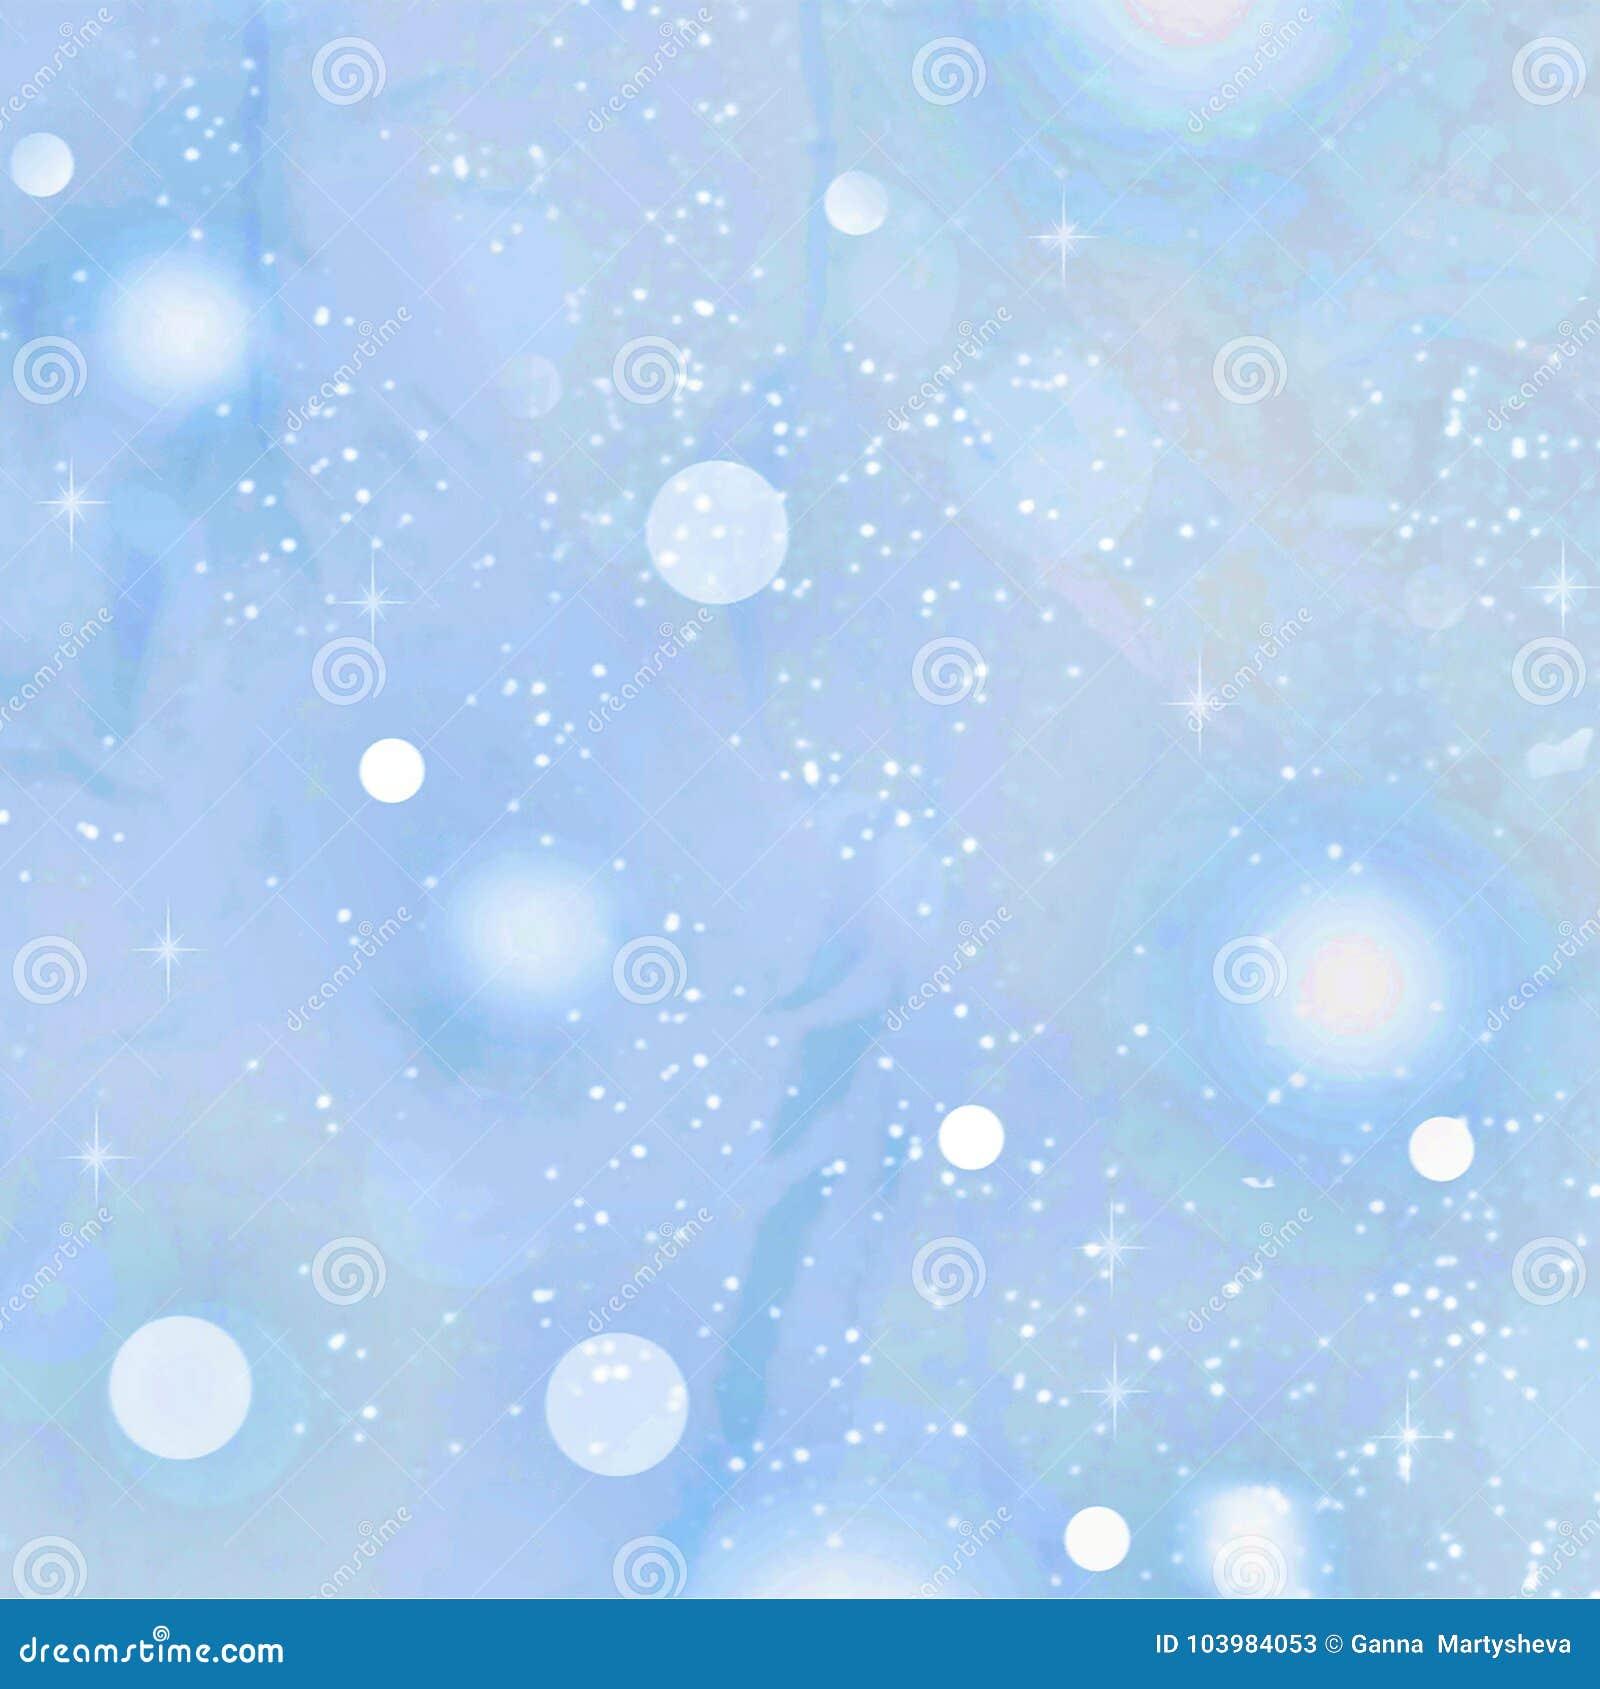 Año Nuevo Navidad Fondo azul suave con nieve que cae